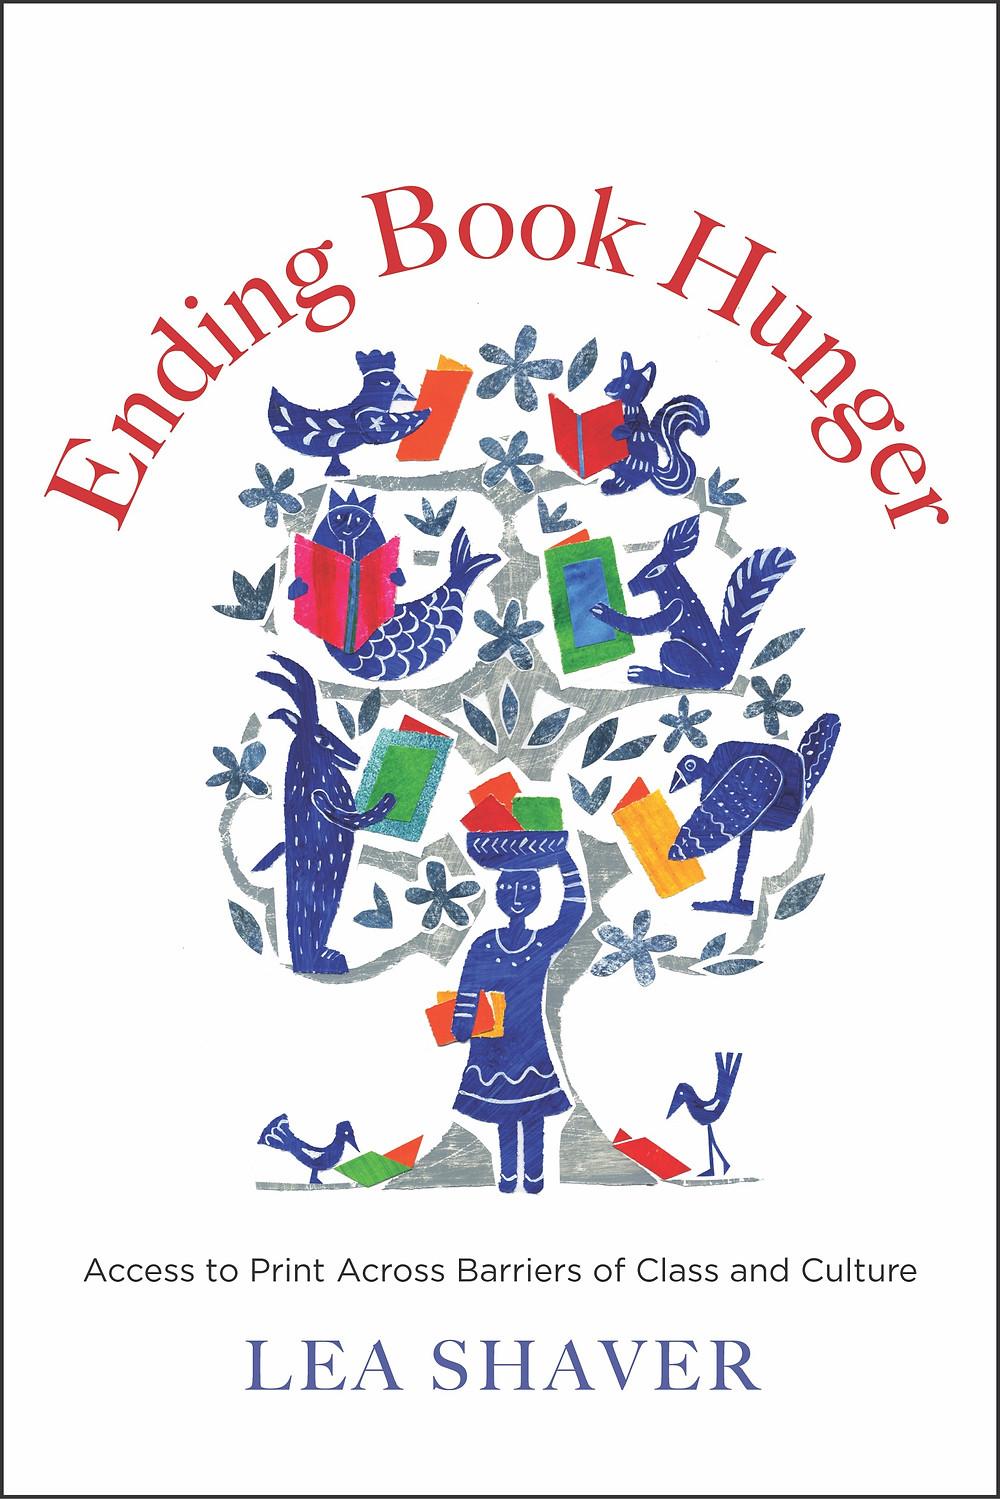 endingbookhunger.org